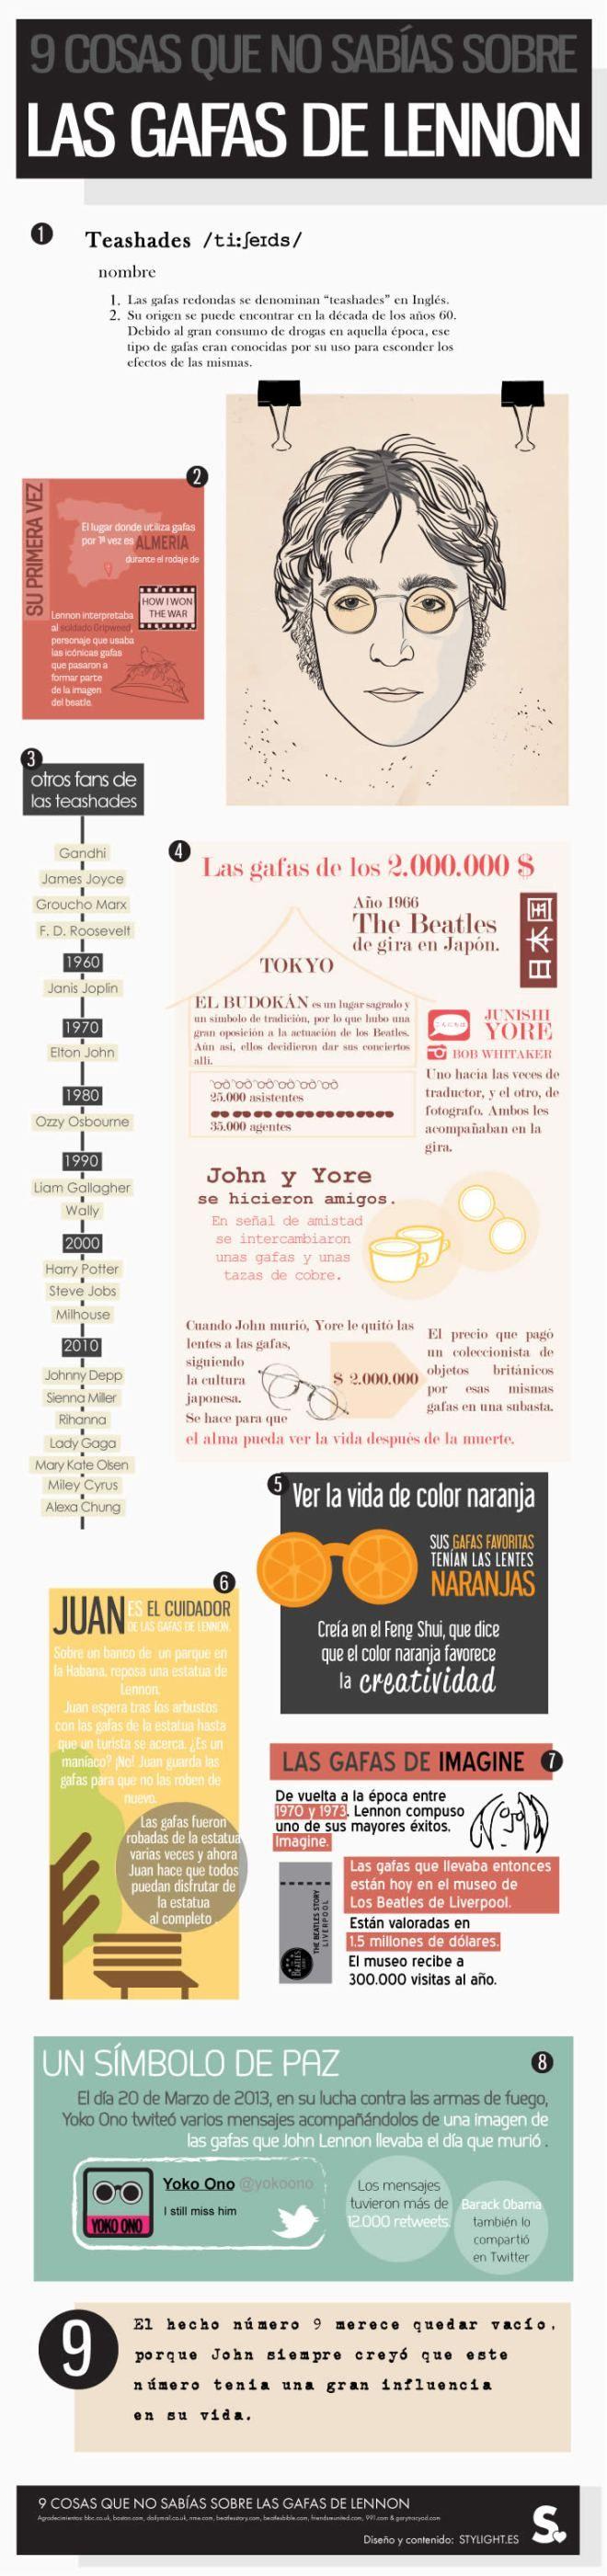 Infografía 9 cosas que no sabias sobre las gafas o lentes de sol de John Lennon